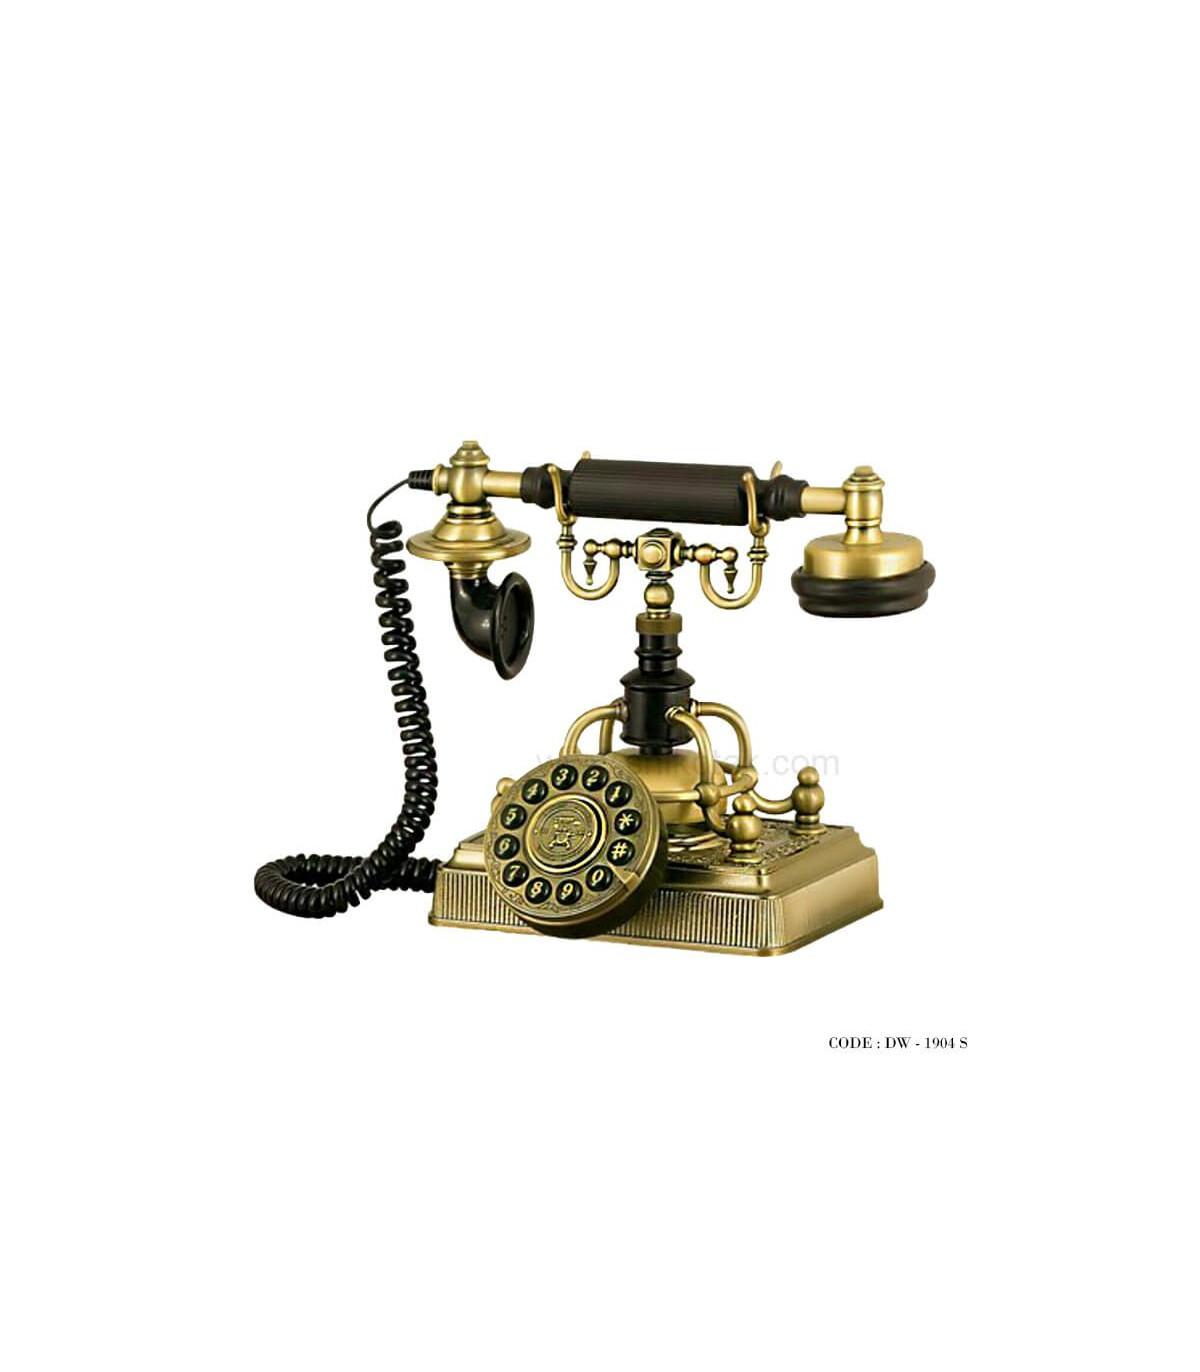 تلفن مدل قدیمی سری 1904